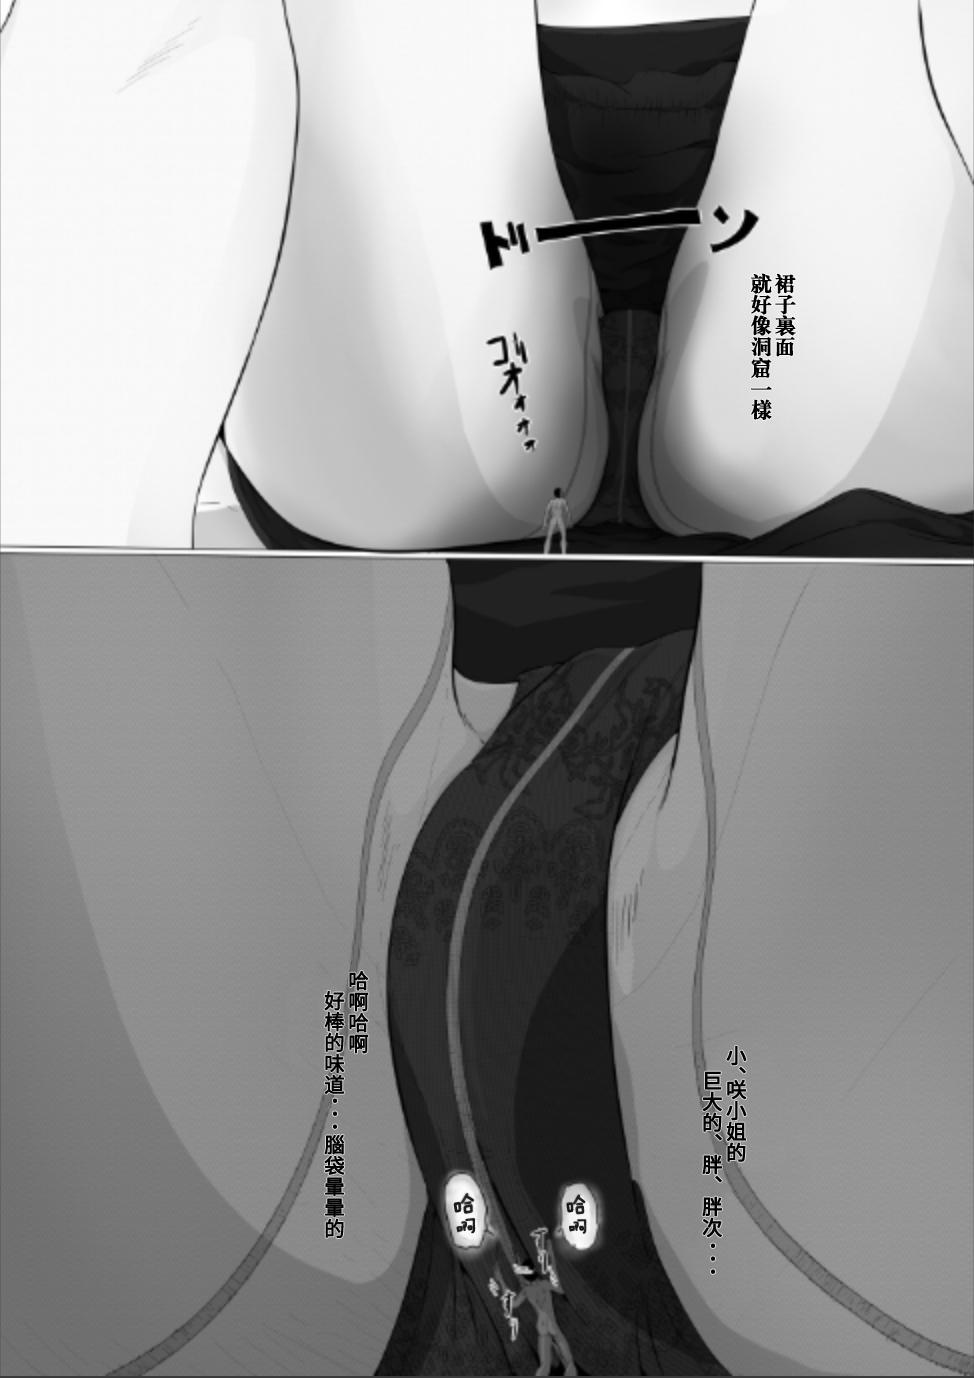 Chiisaku Natte OL ni Itazura Shiyo tto 29